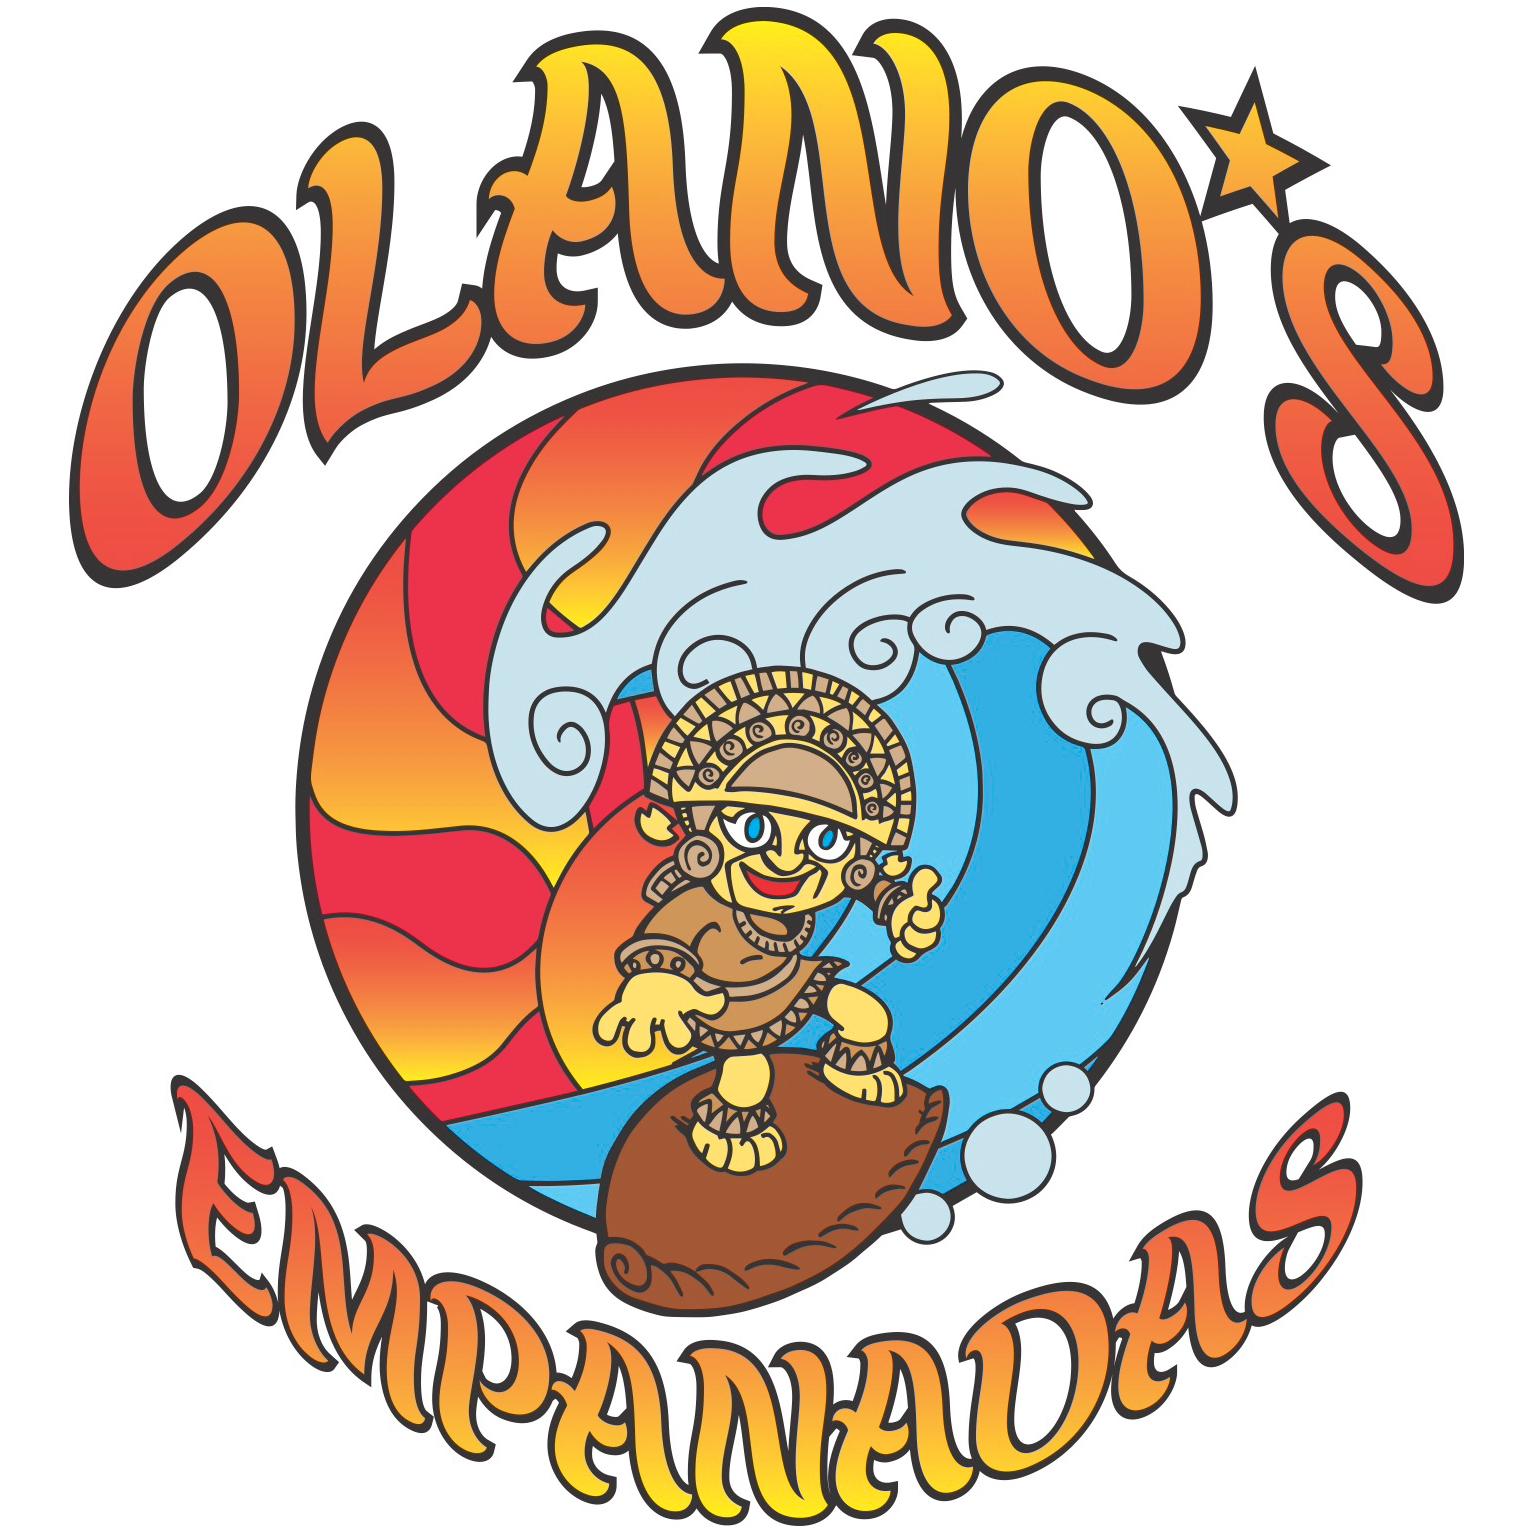 Olano's Empanadas